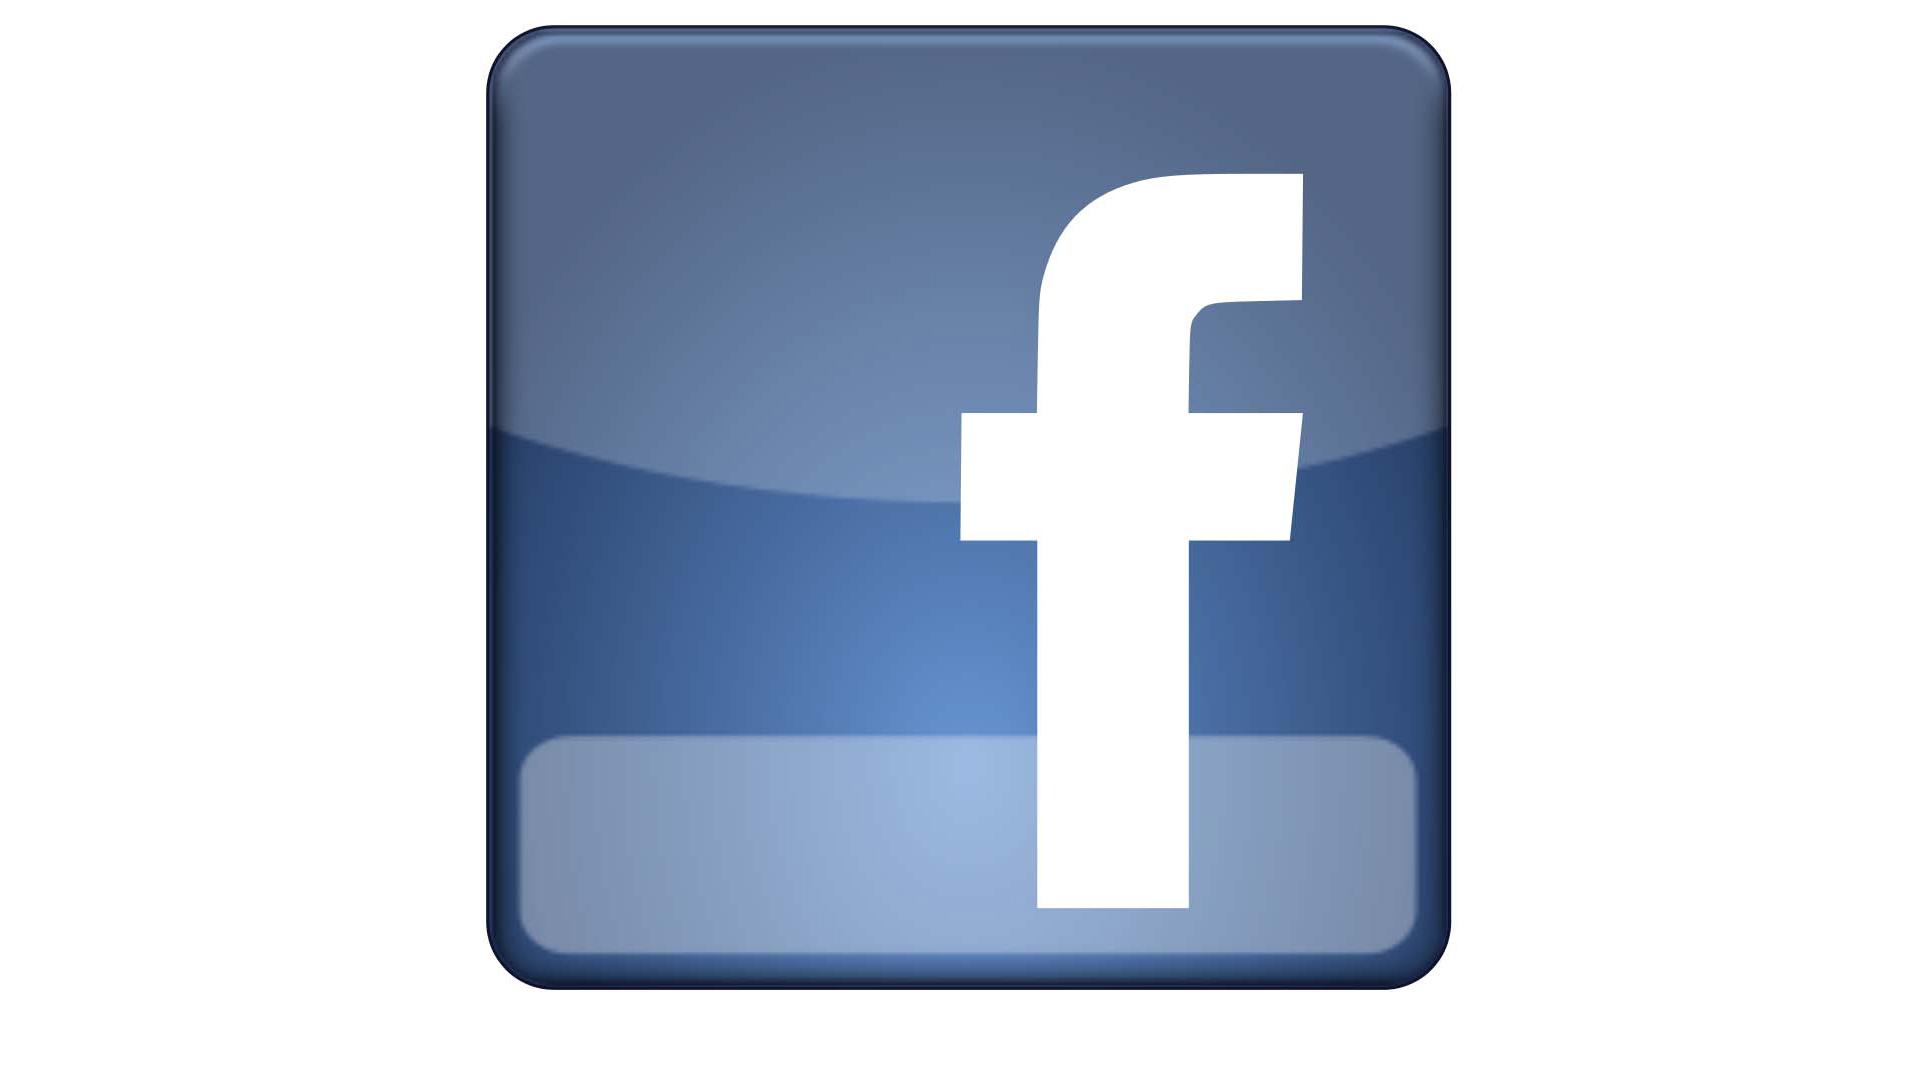 Логотип facebook facebook социальная сеть